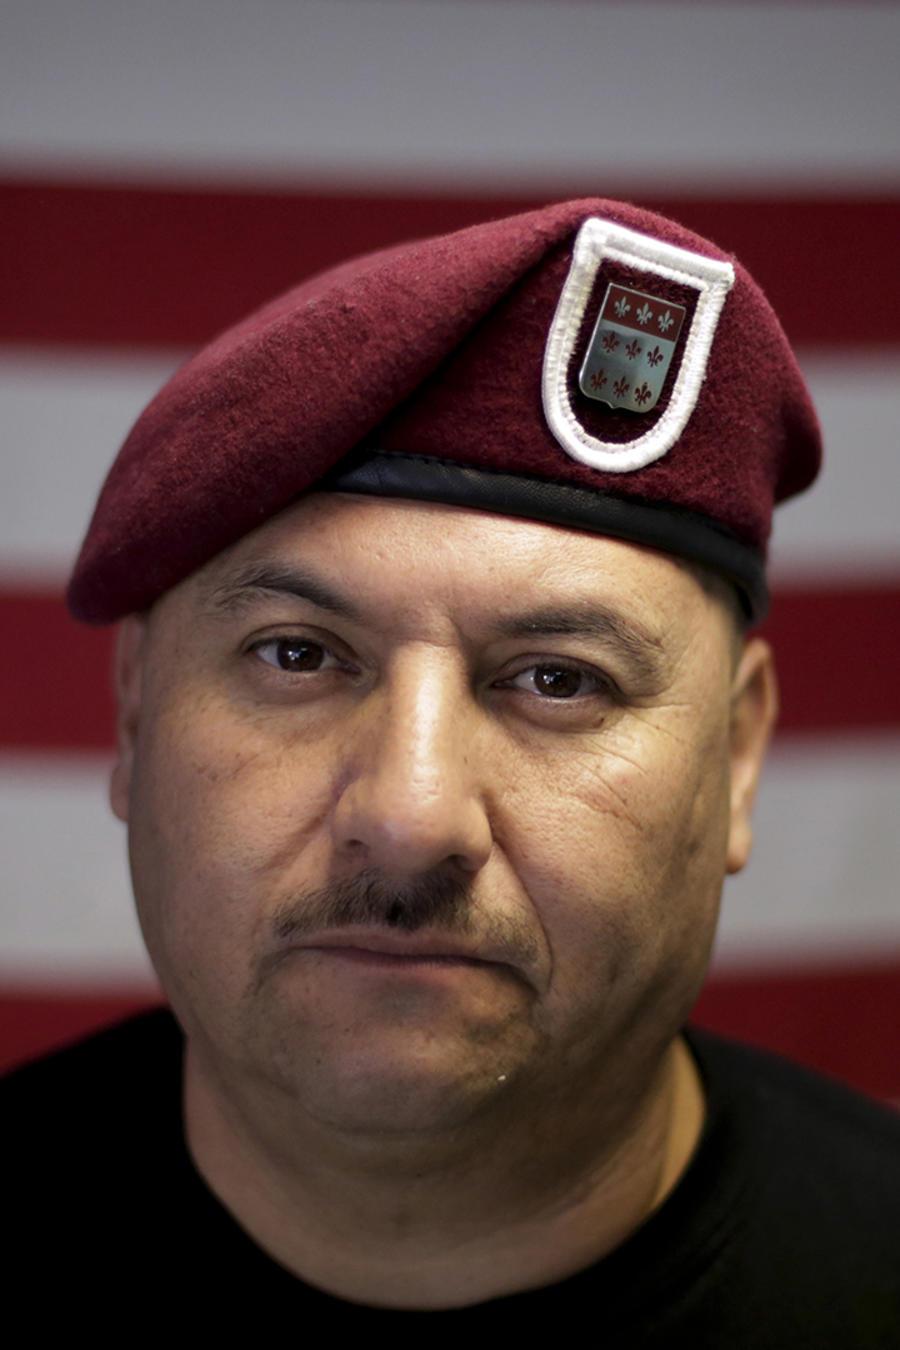 Veterano de guerra recibe indulto y podrá regresar a California